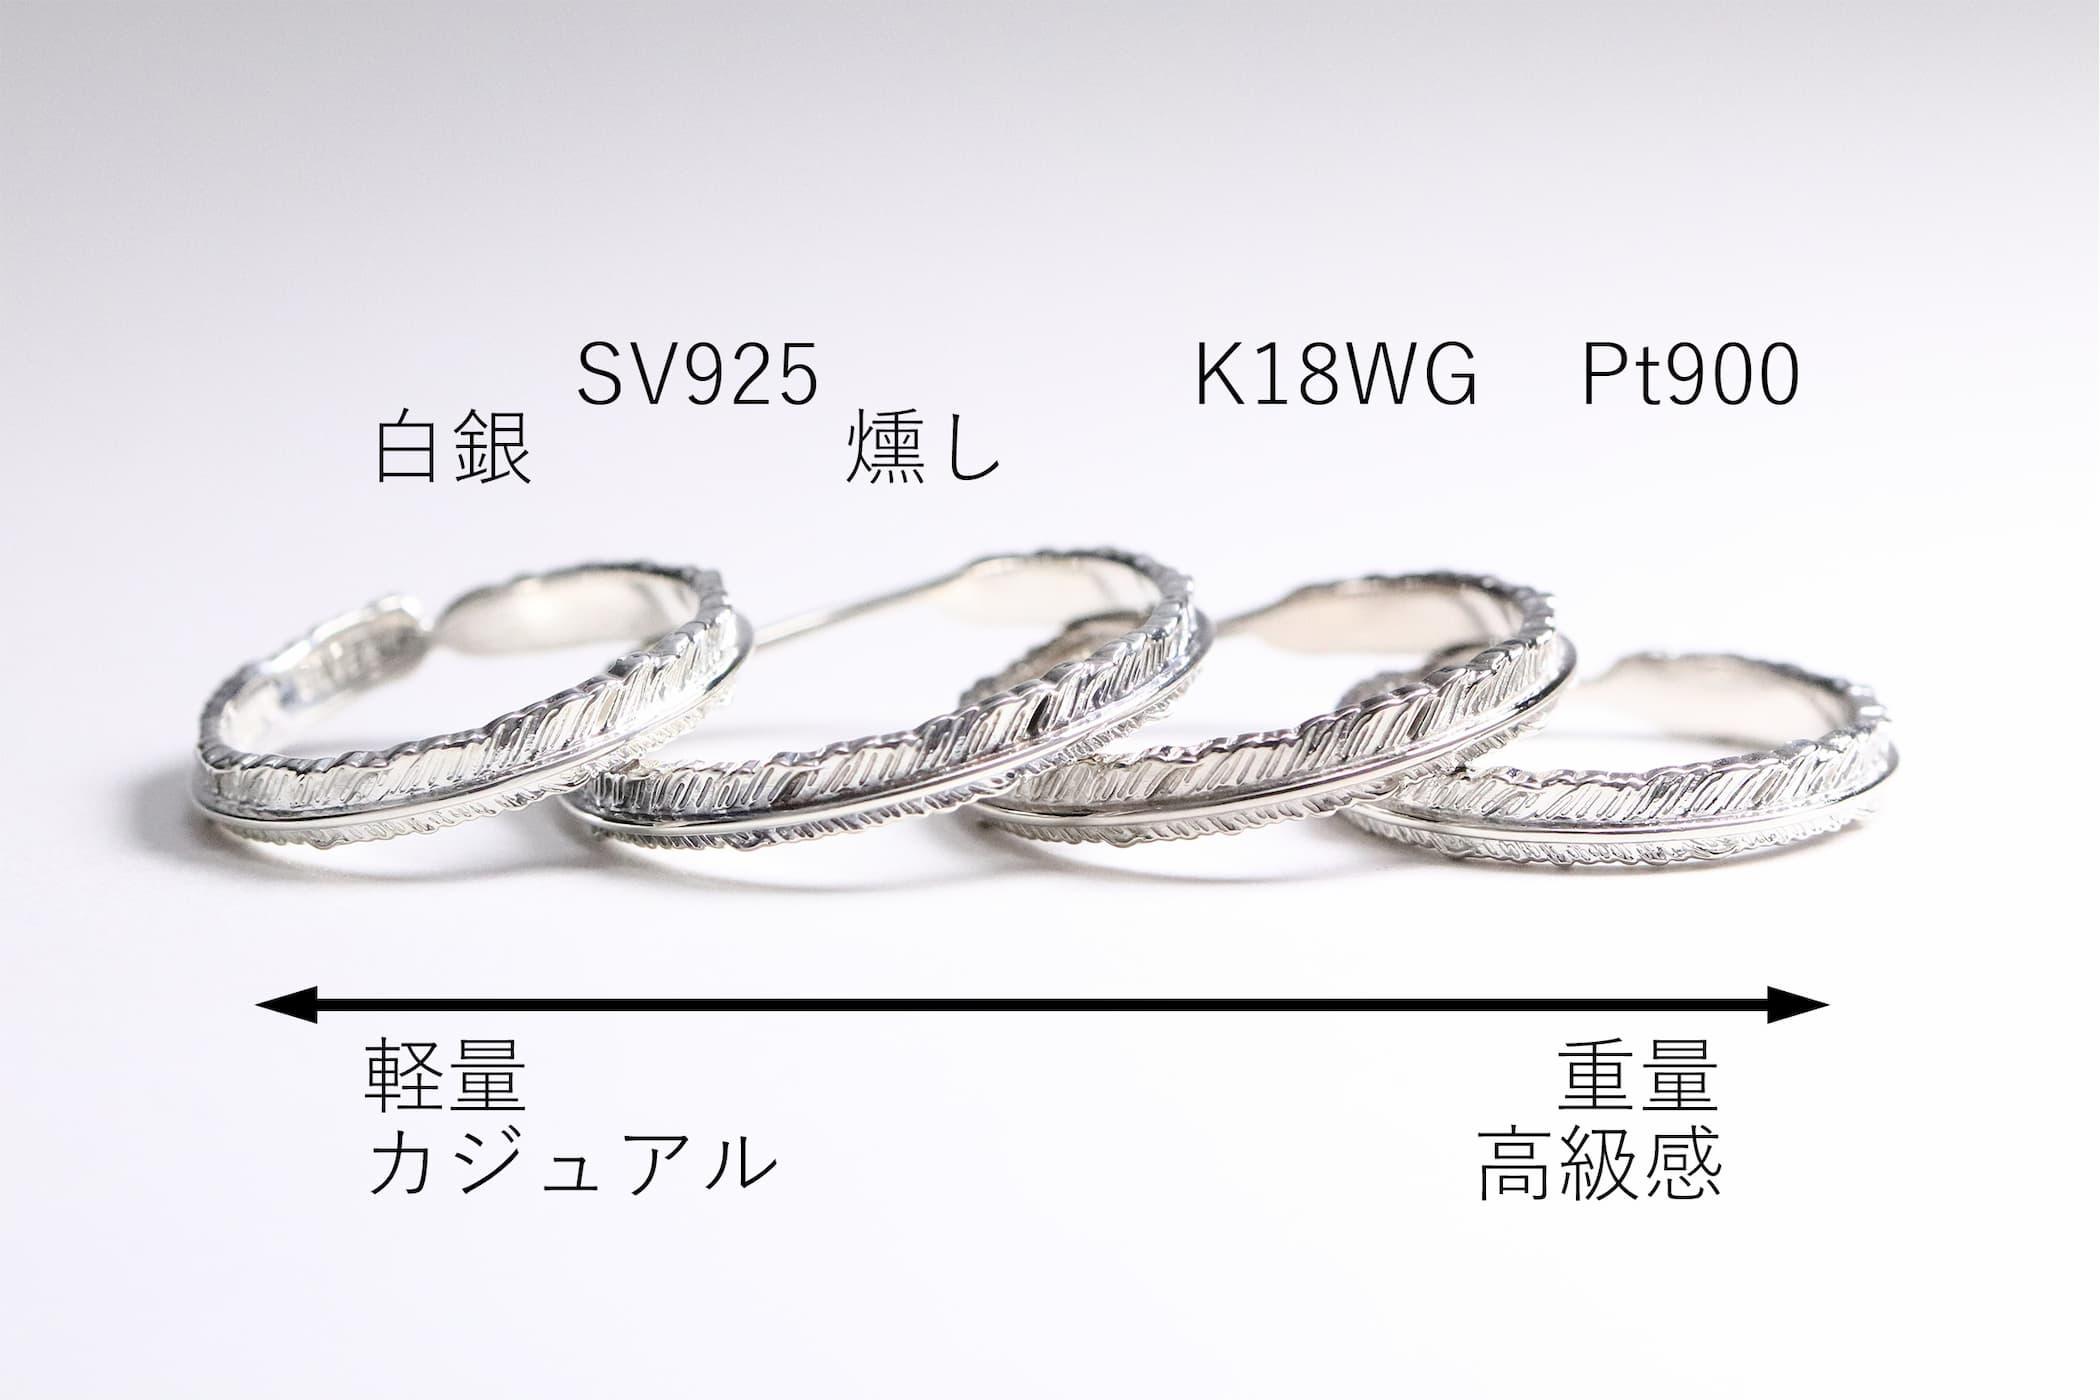 比較画像・SV925・K18WG(ホワイトゴールド)・Pt900(プラチナ)